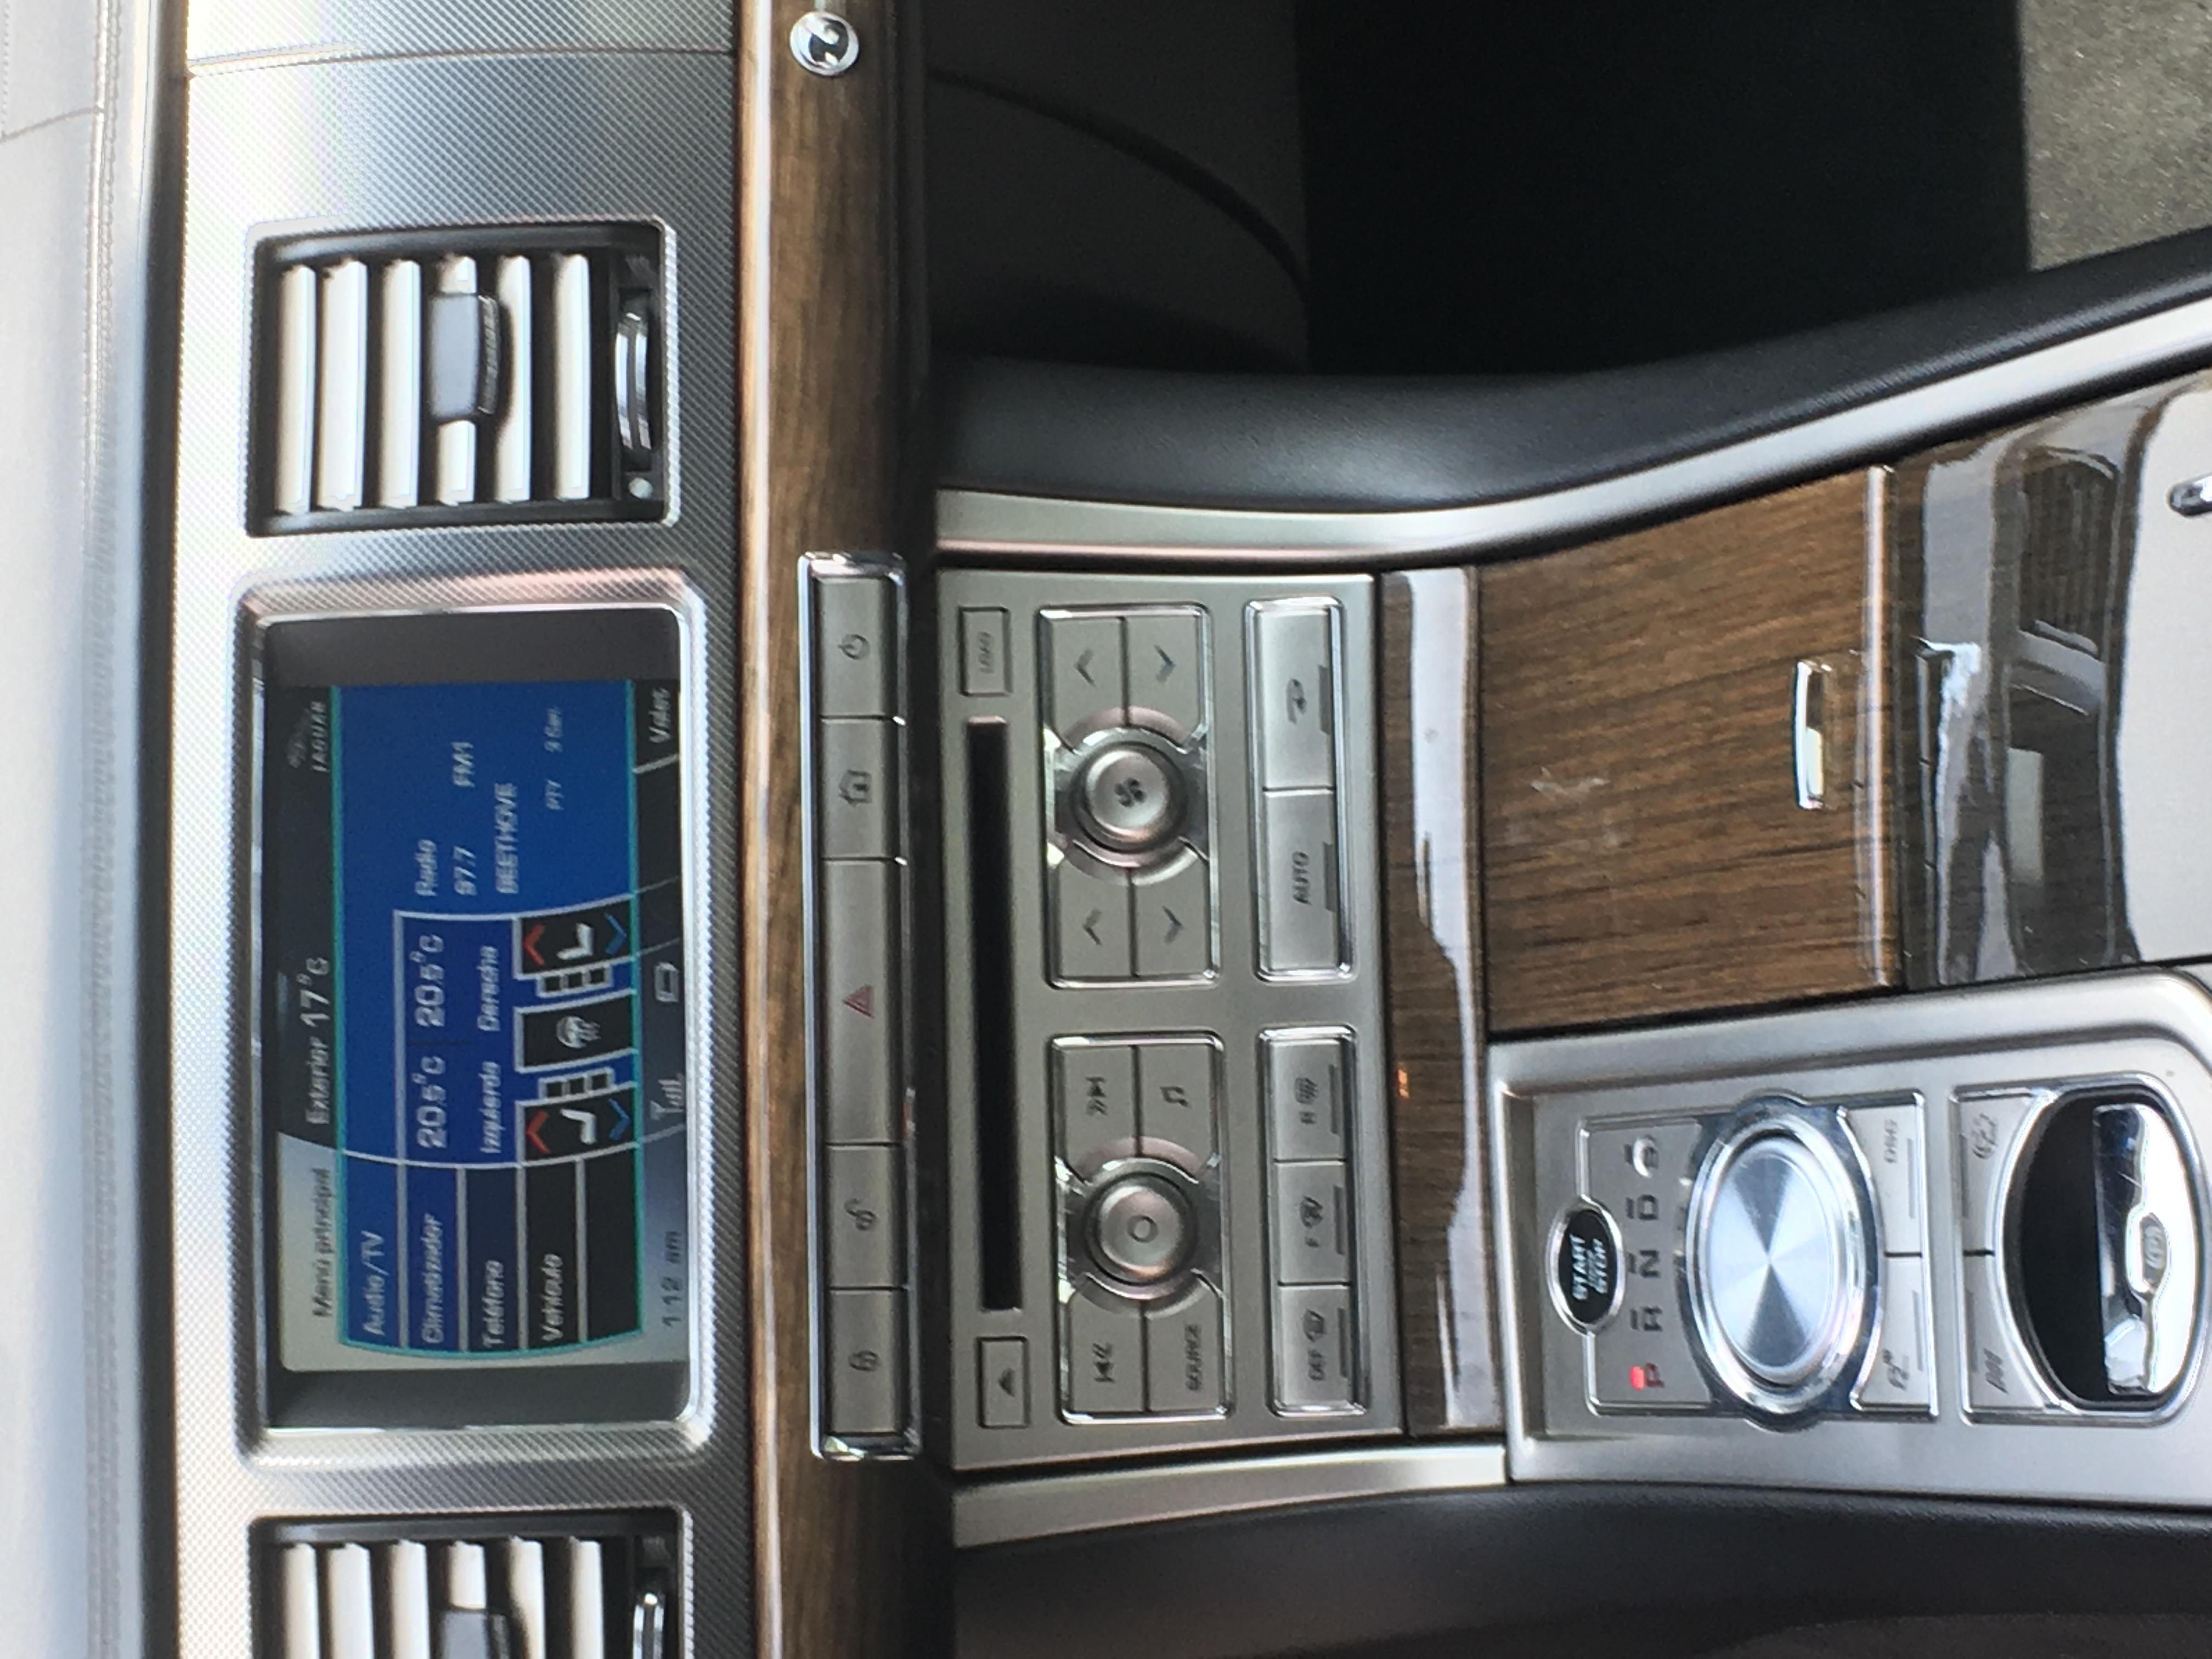 Jaguar XFR V8 5.O SUPERCHARGED 510HP año 2012